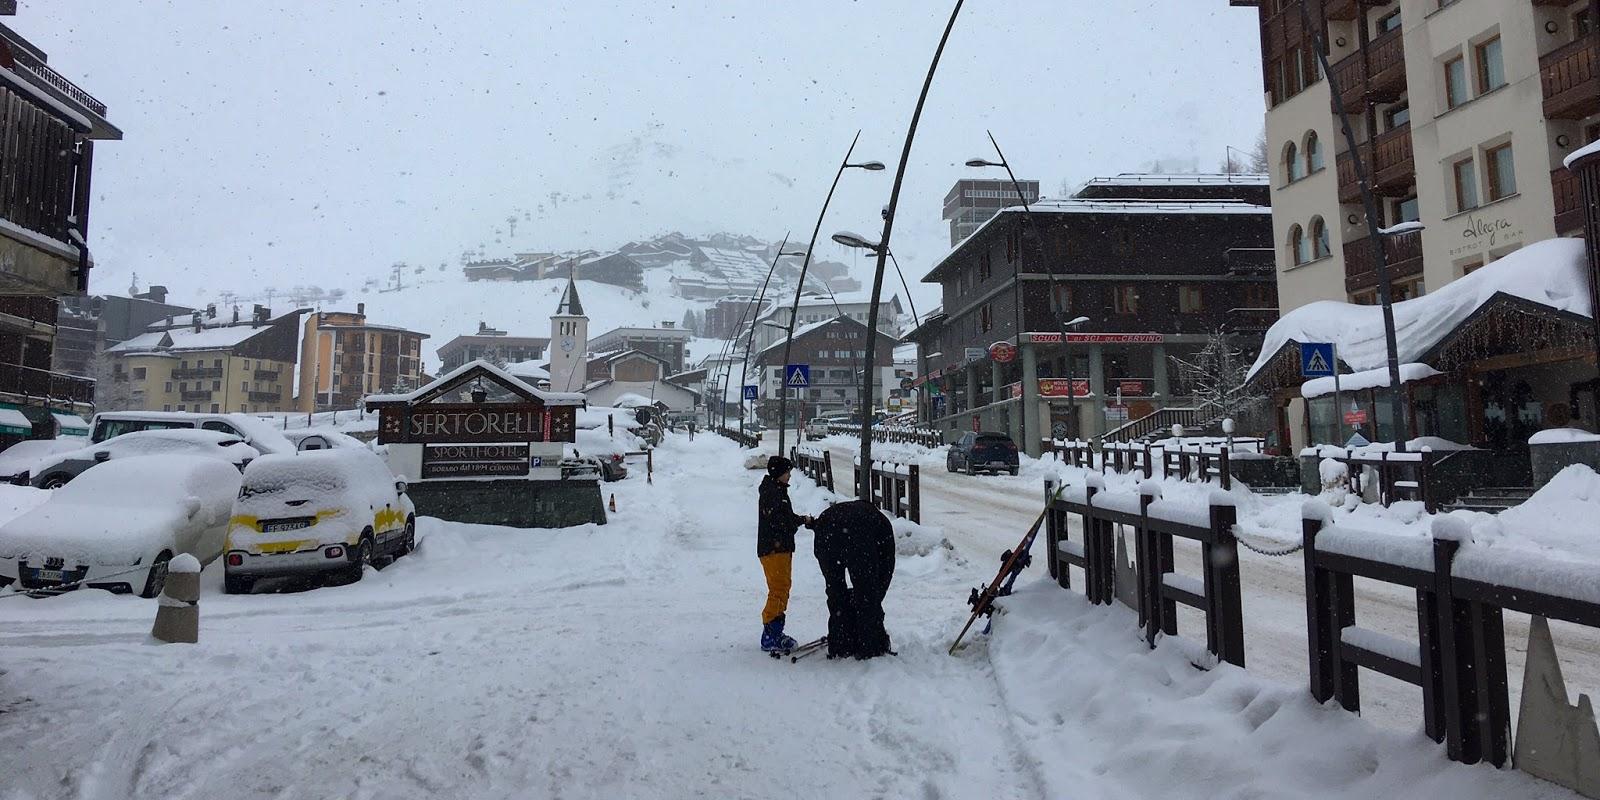 Slēpošanas kūrorta pilsēta, kuru klāj bieza sniega kārta